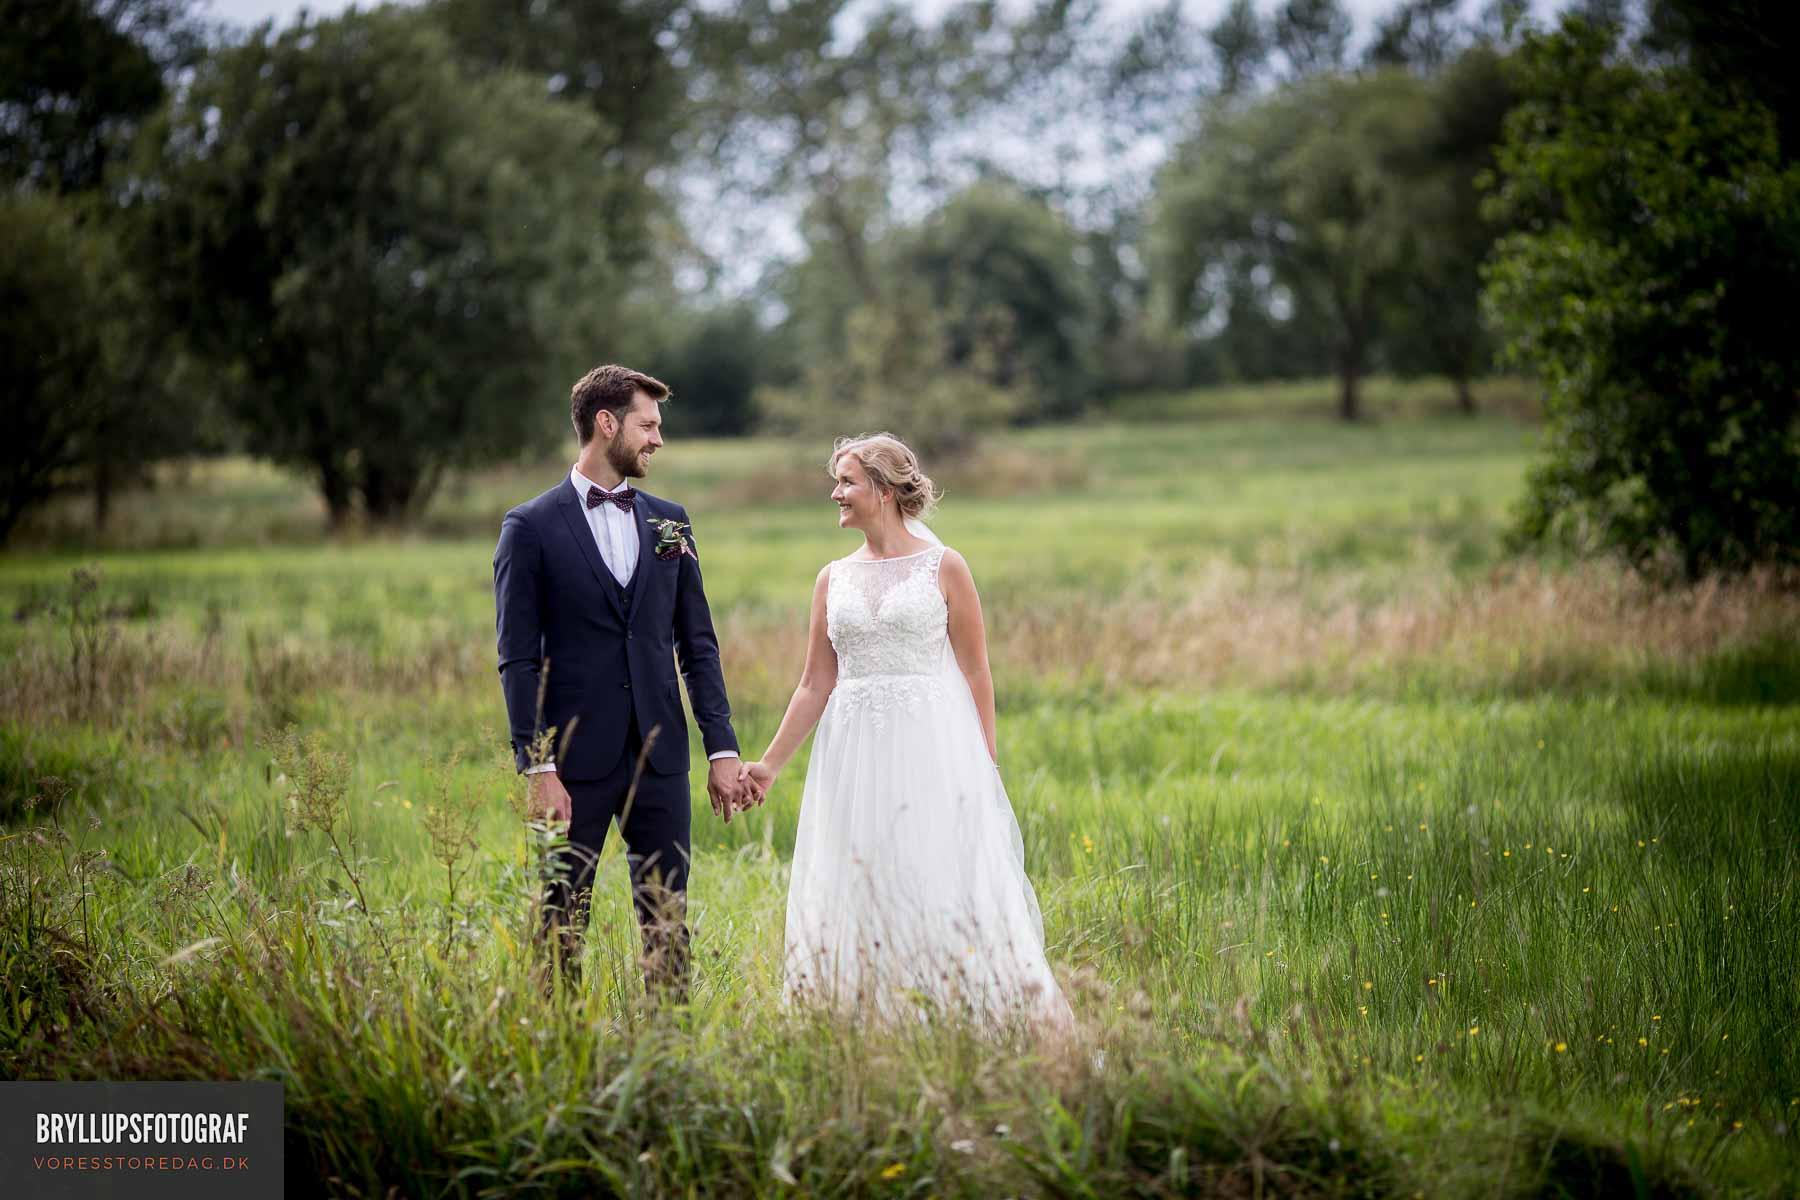 Bryllupsfotografering på Fyn & i Jylland